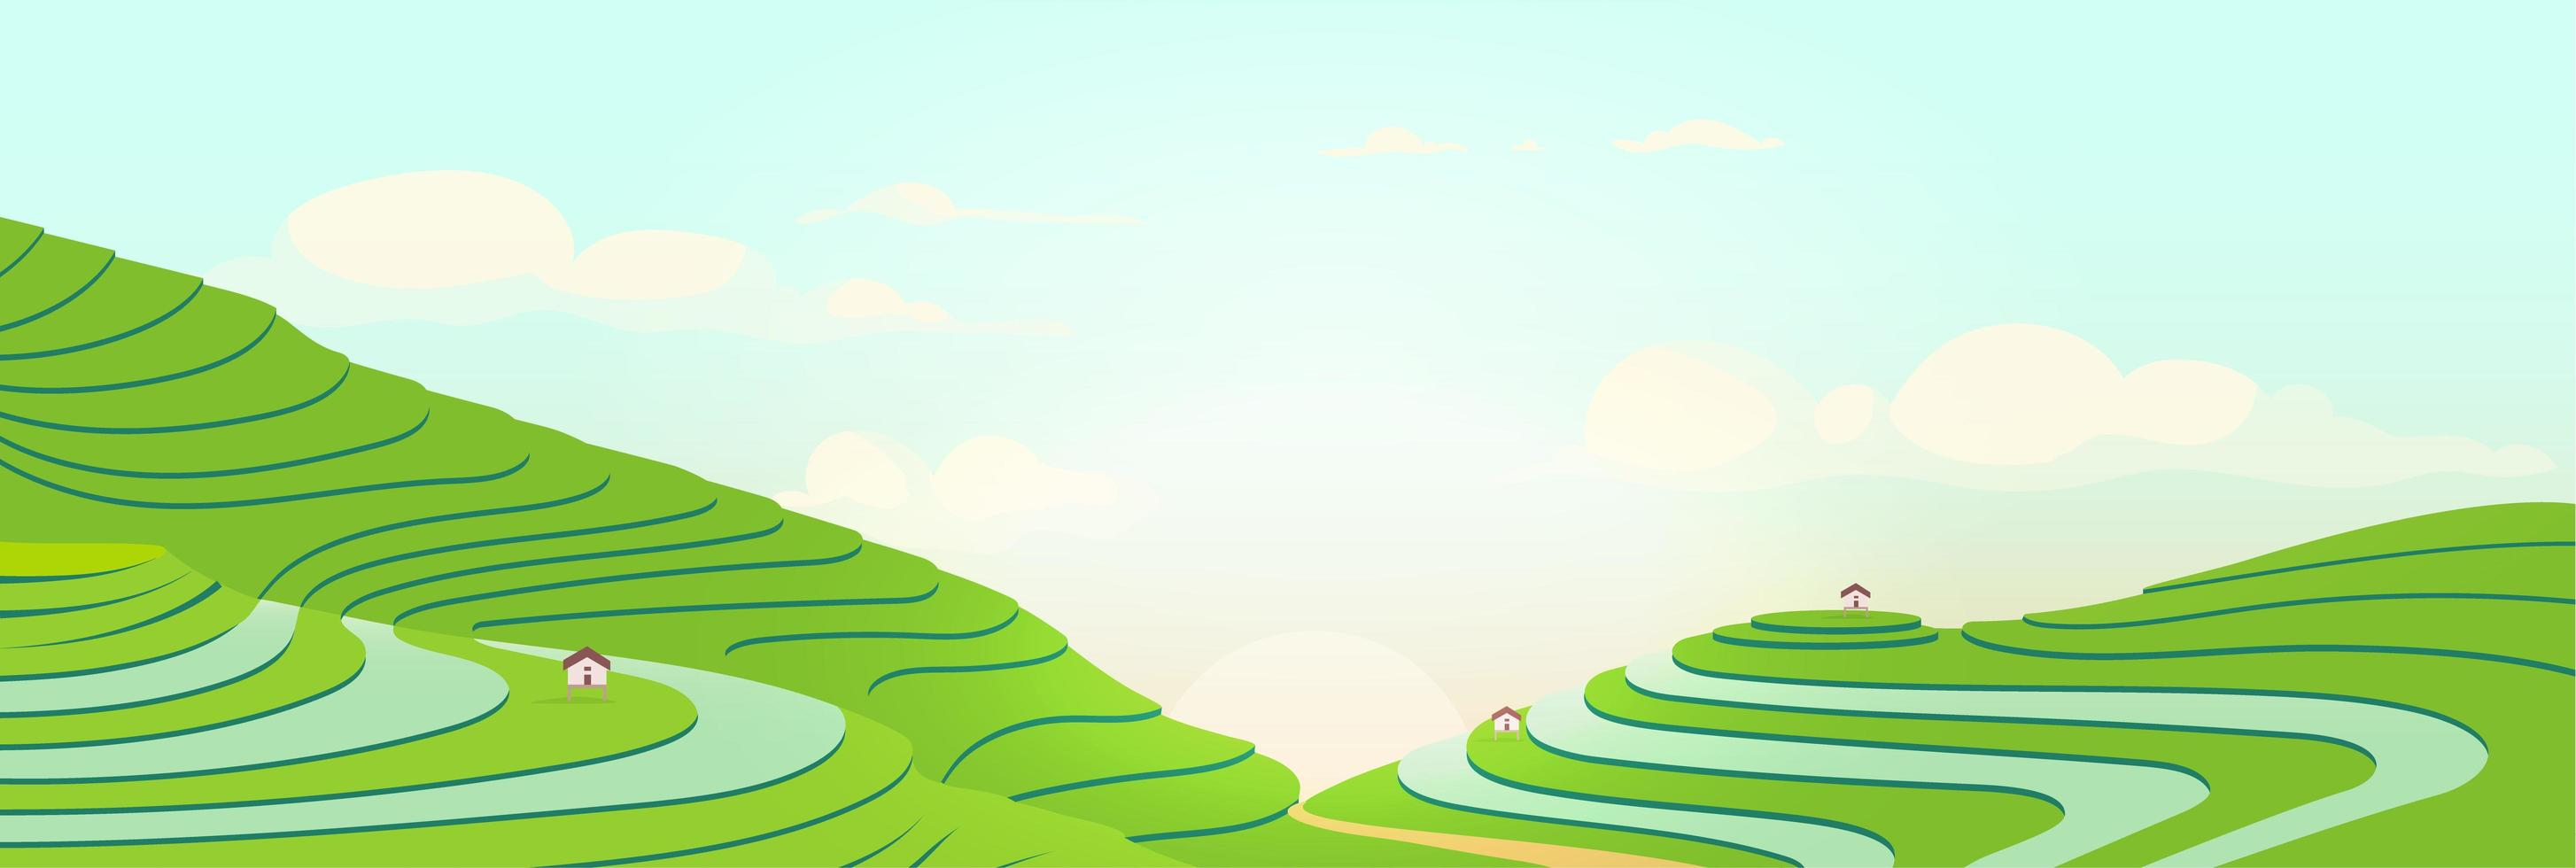 campos en terrazas al amanecer vector